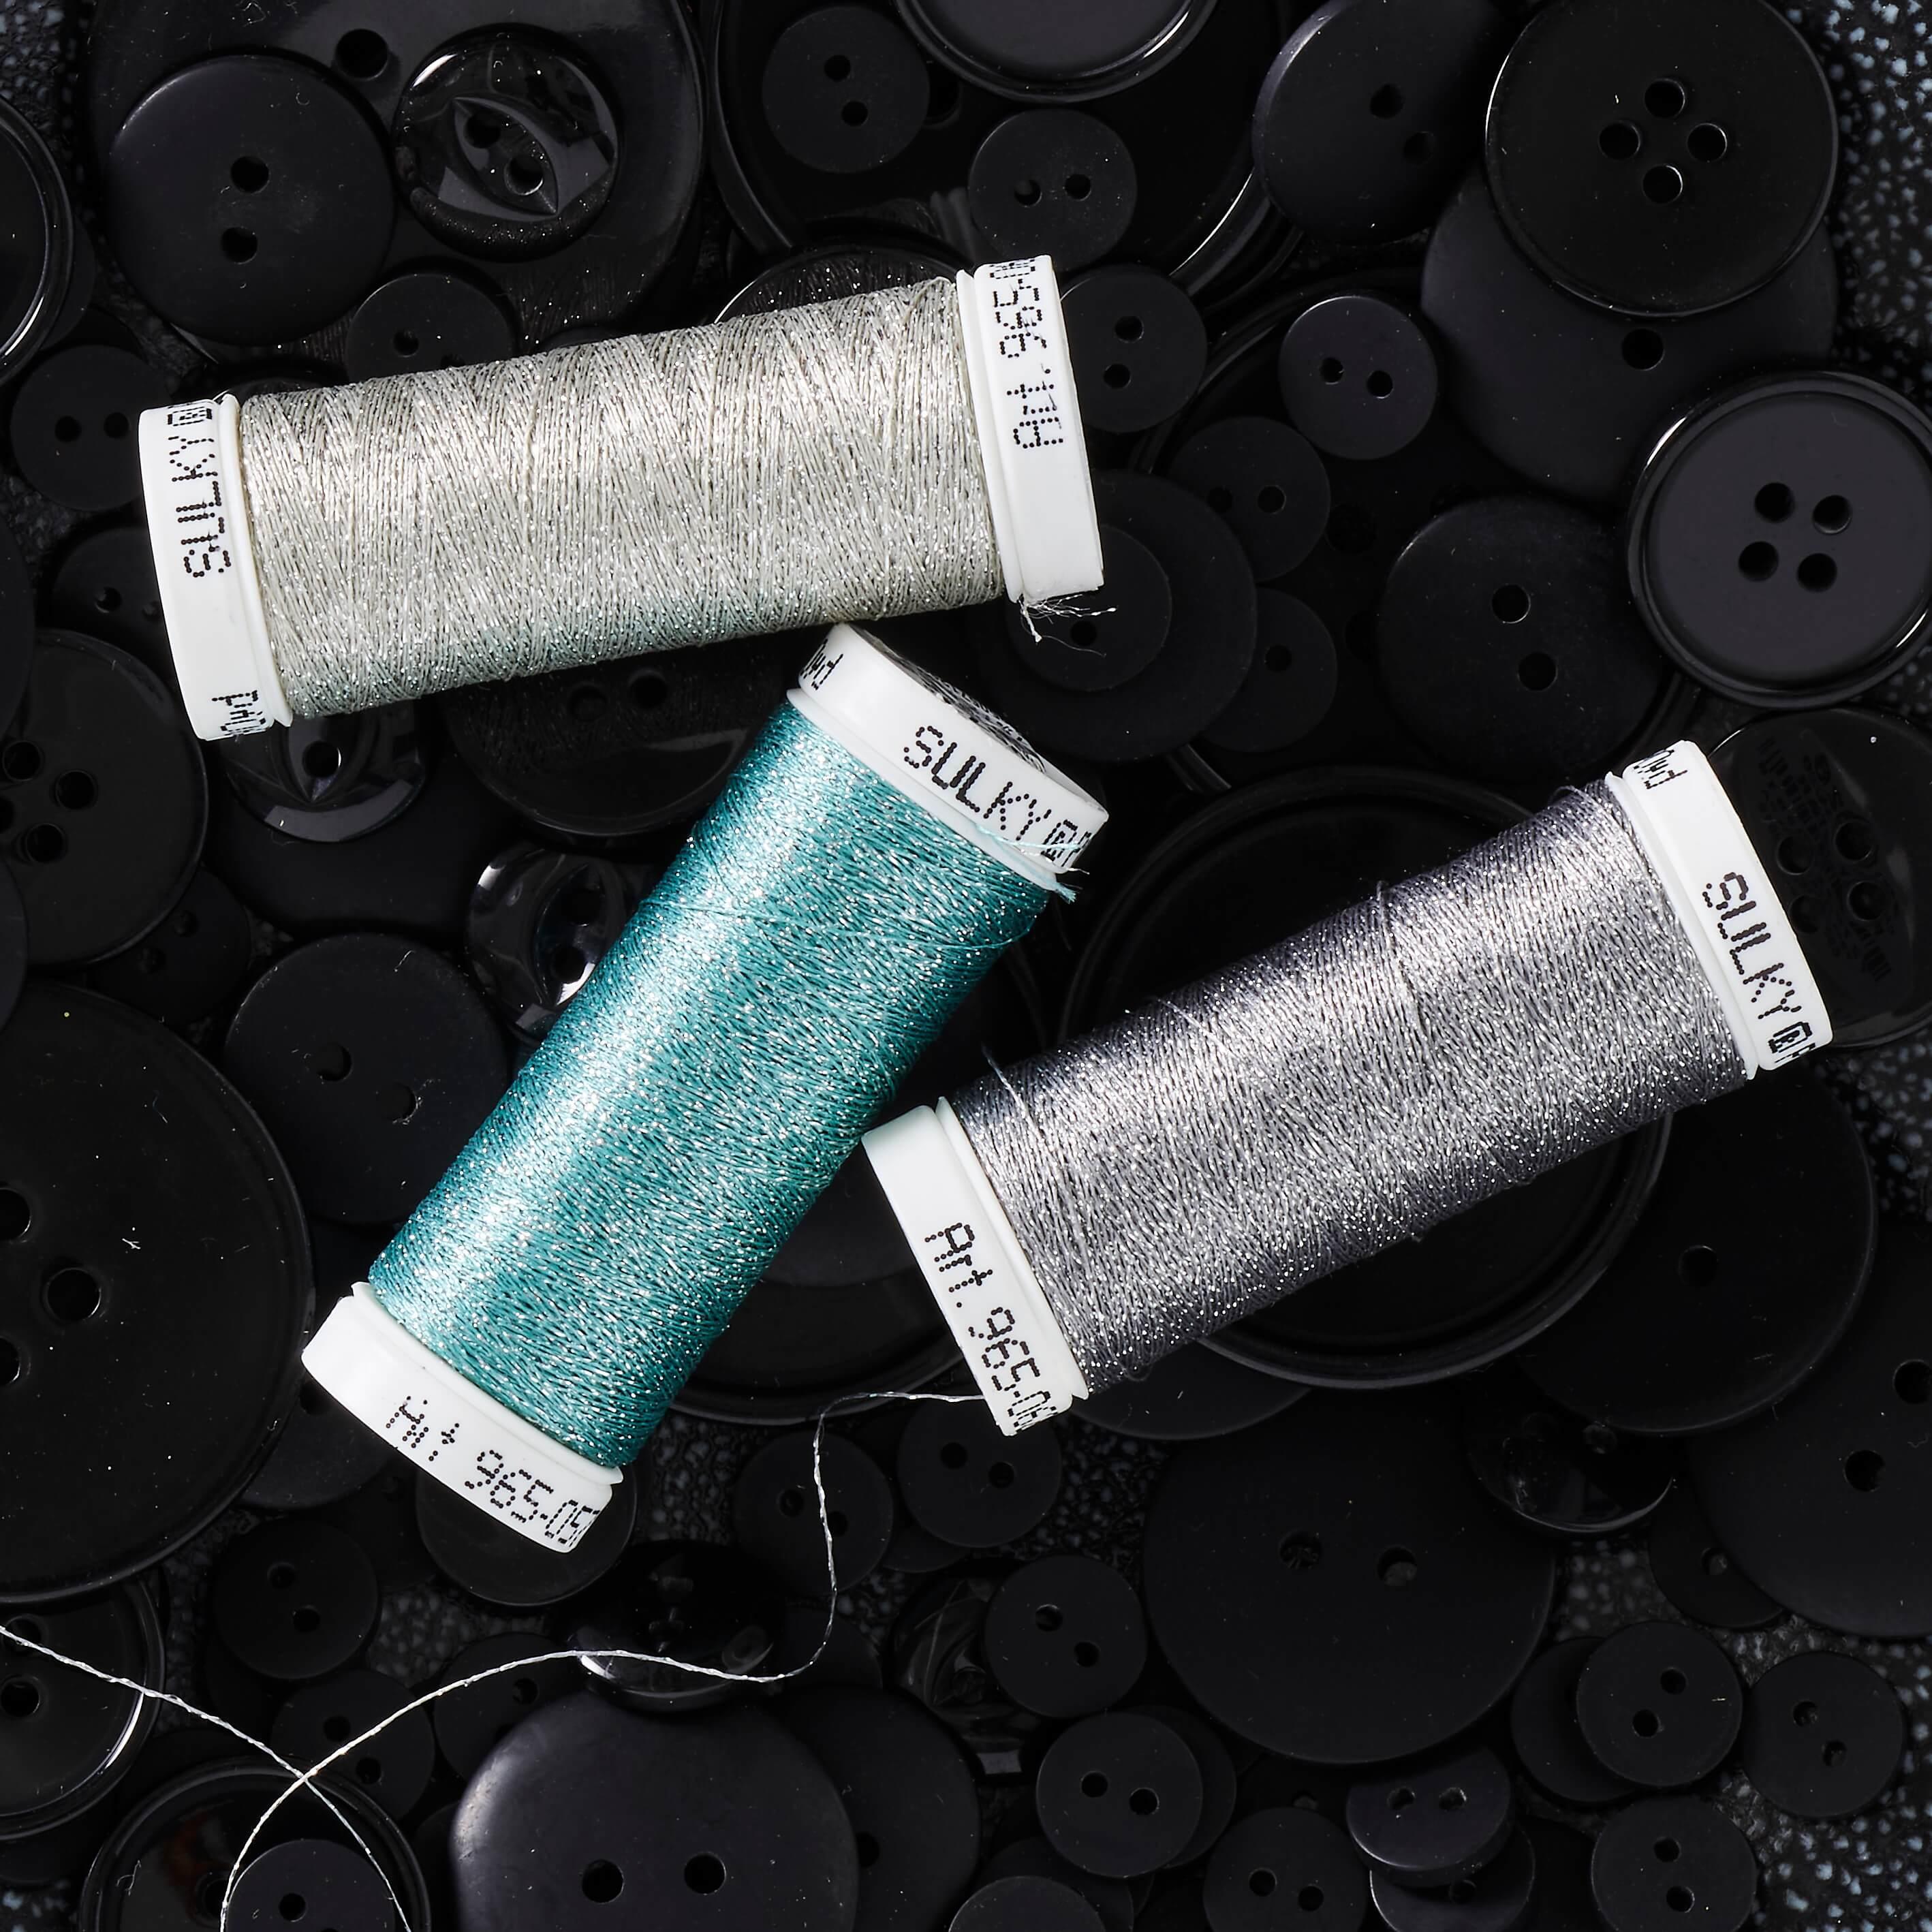 SULKY POLY SPARKLE - Metallisiertes Polyestergarn